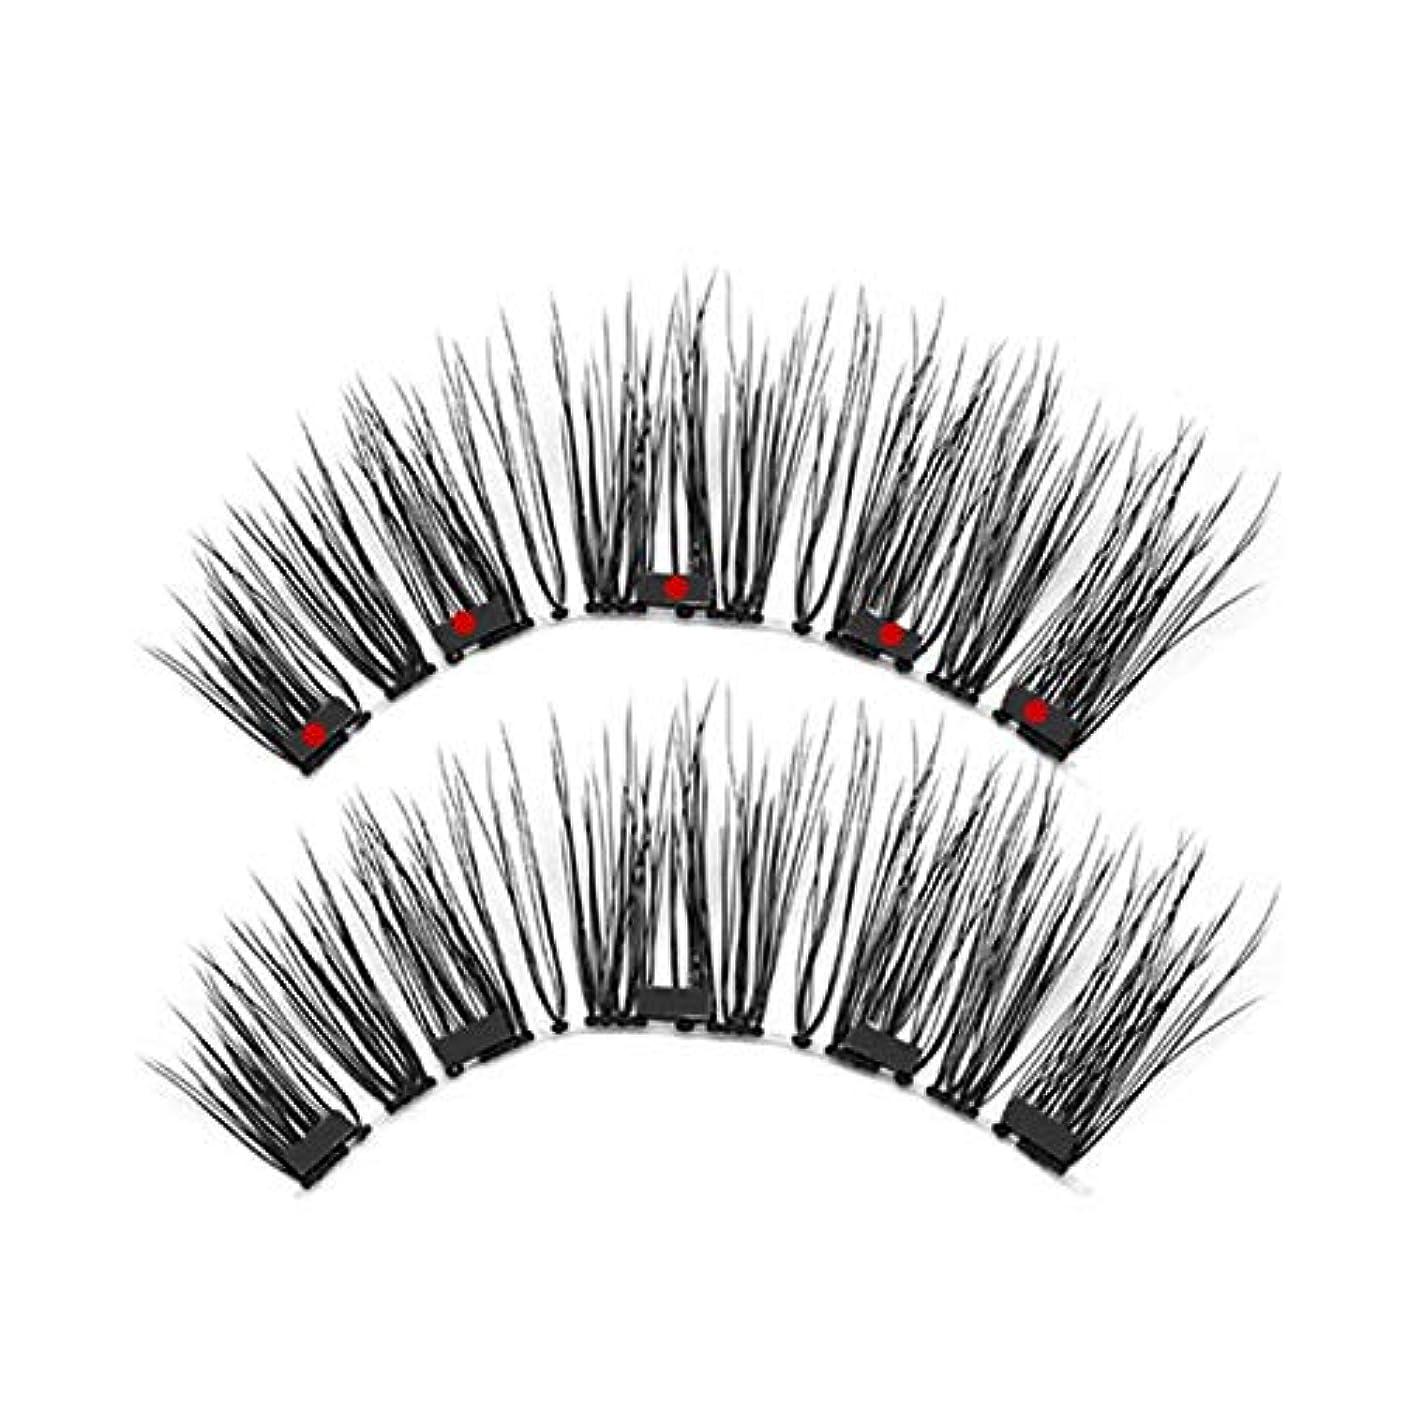 委任する帰る壮大なCUHAWUDBA 1セット磁気つけまつげ 防水防汚性手作り 着やすい まつげ女性の化粧まつ毛 Ks02